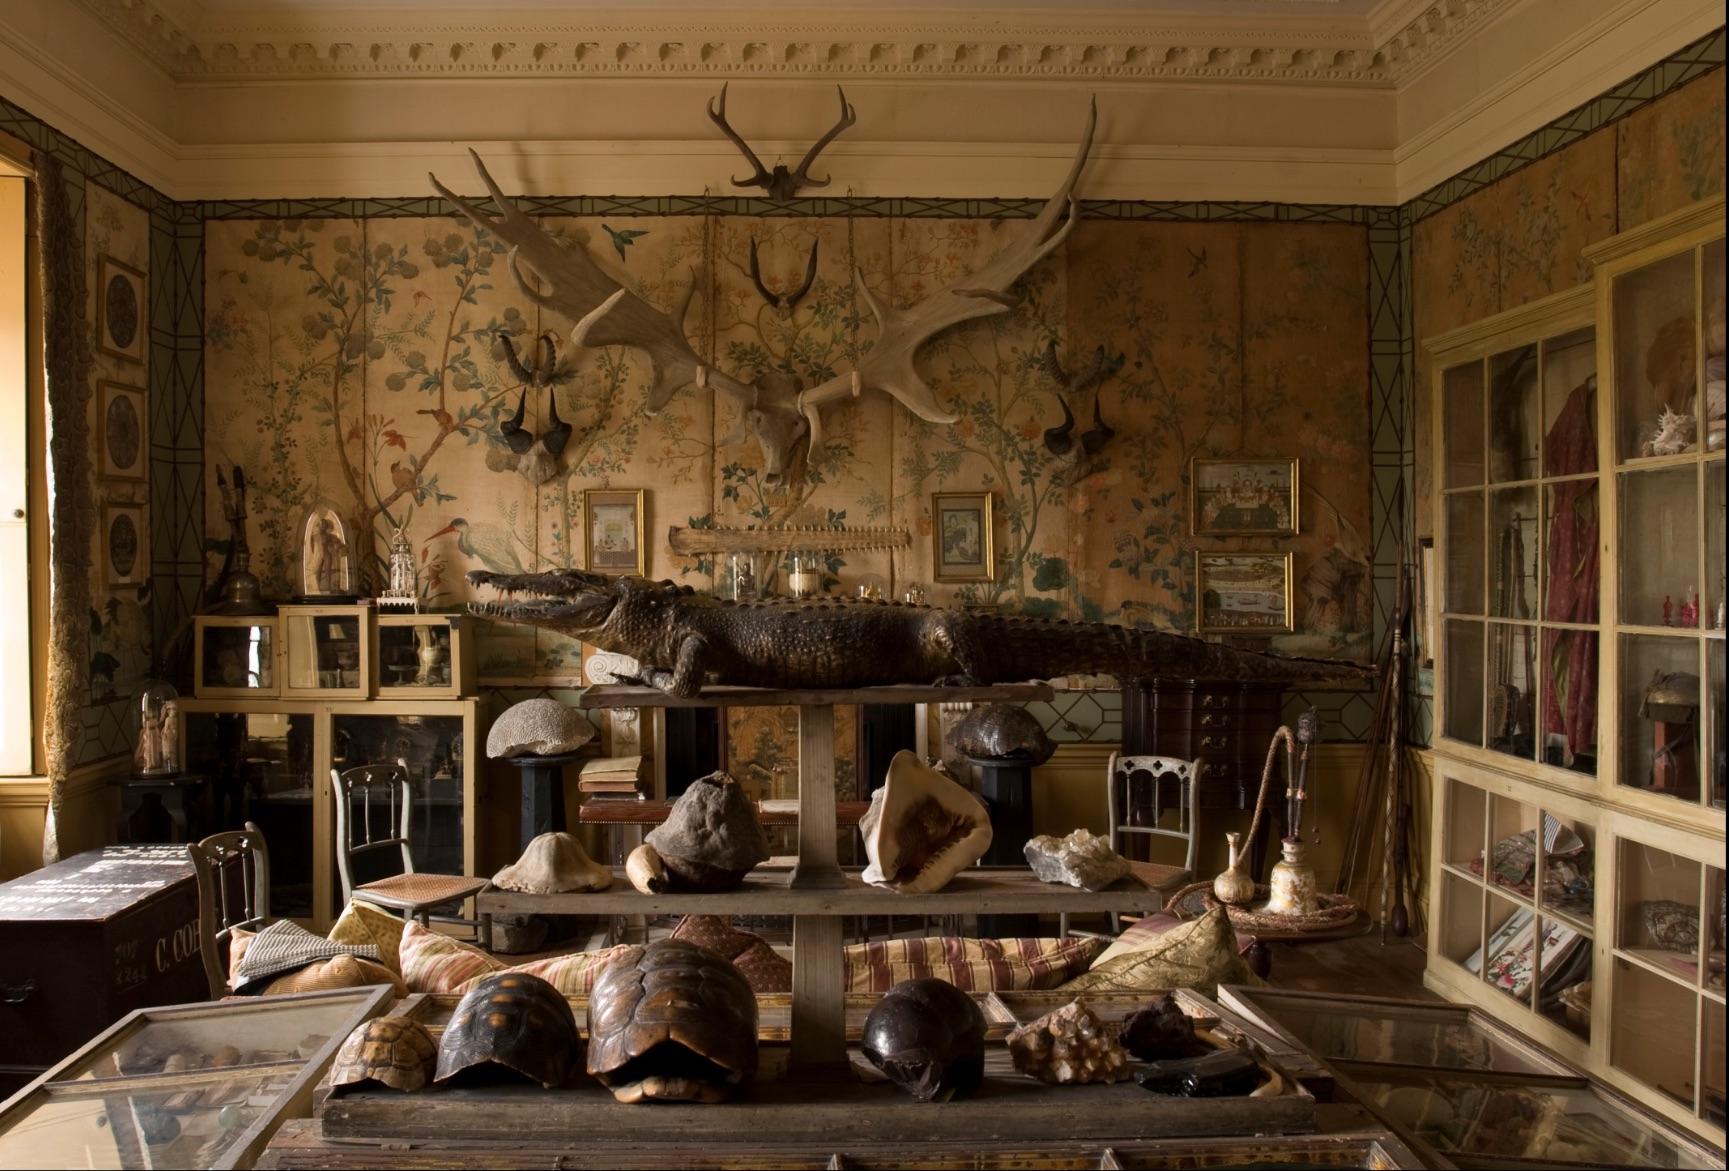 Cabinet of Curiosities, Hatchlands